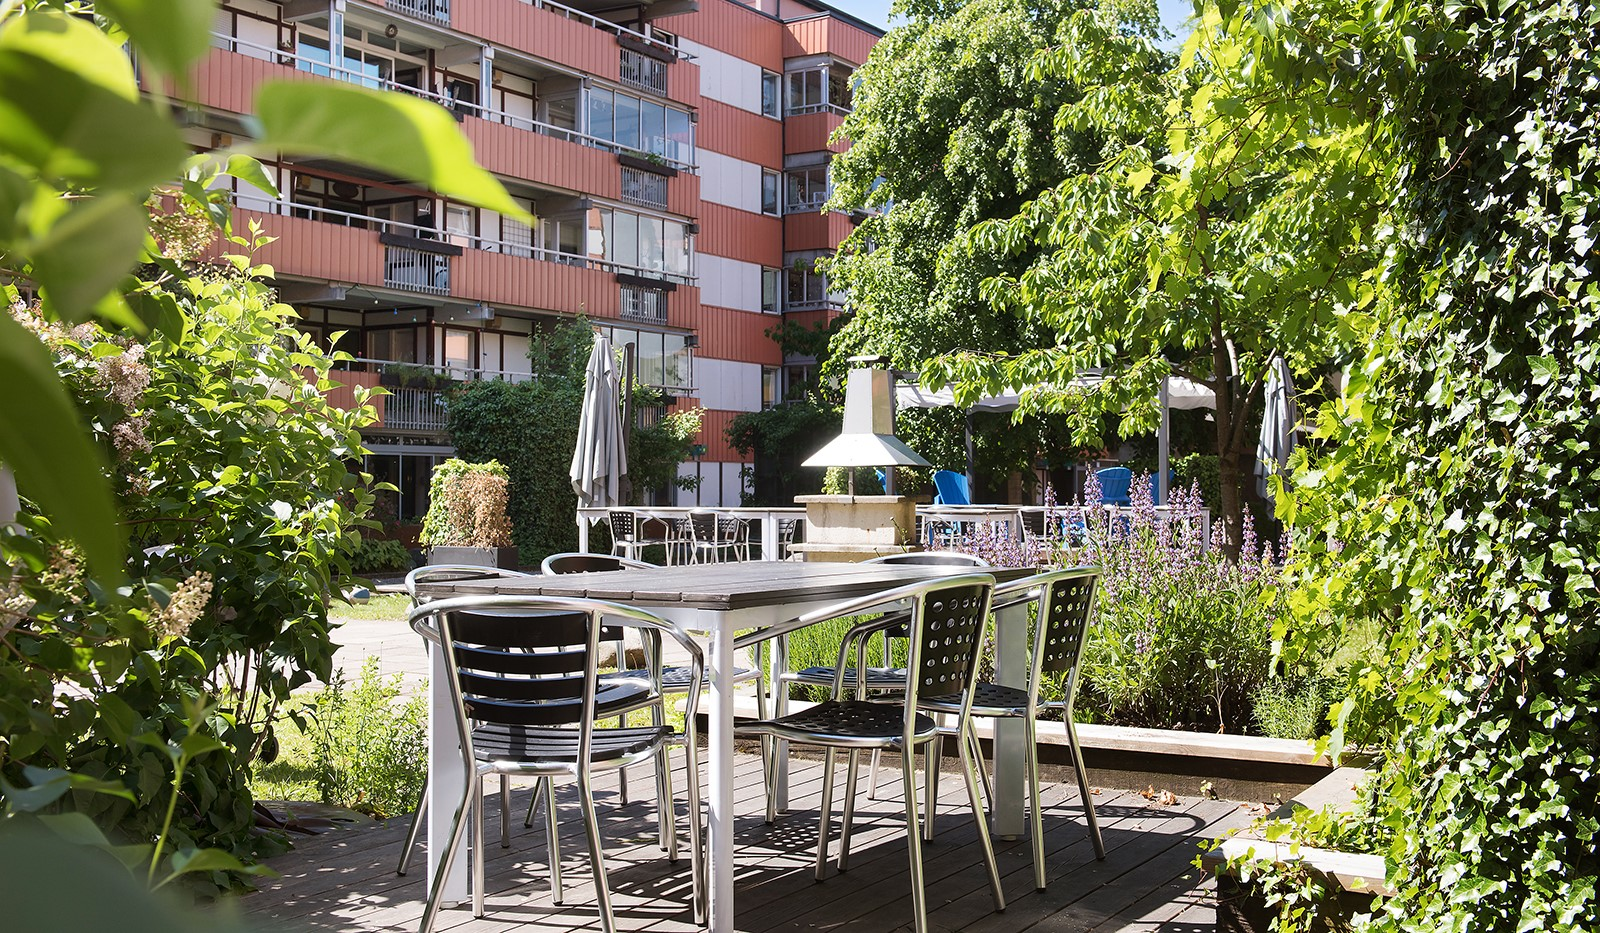 Folkungagatan 58 - Gott om plats för umgås, leka och grilla kvällens middag